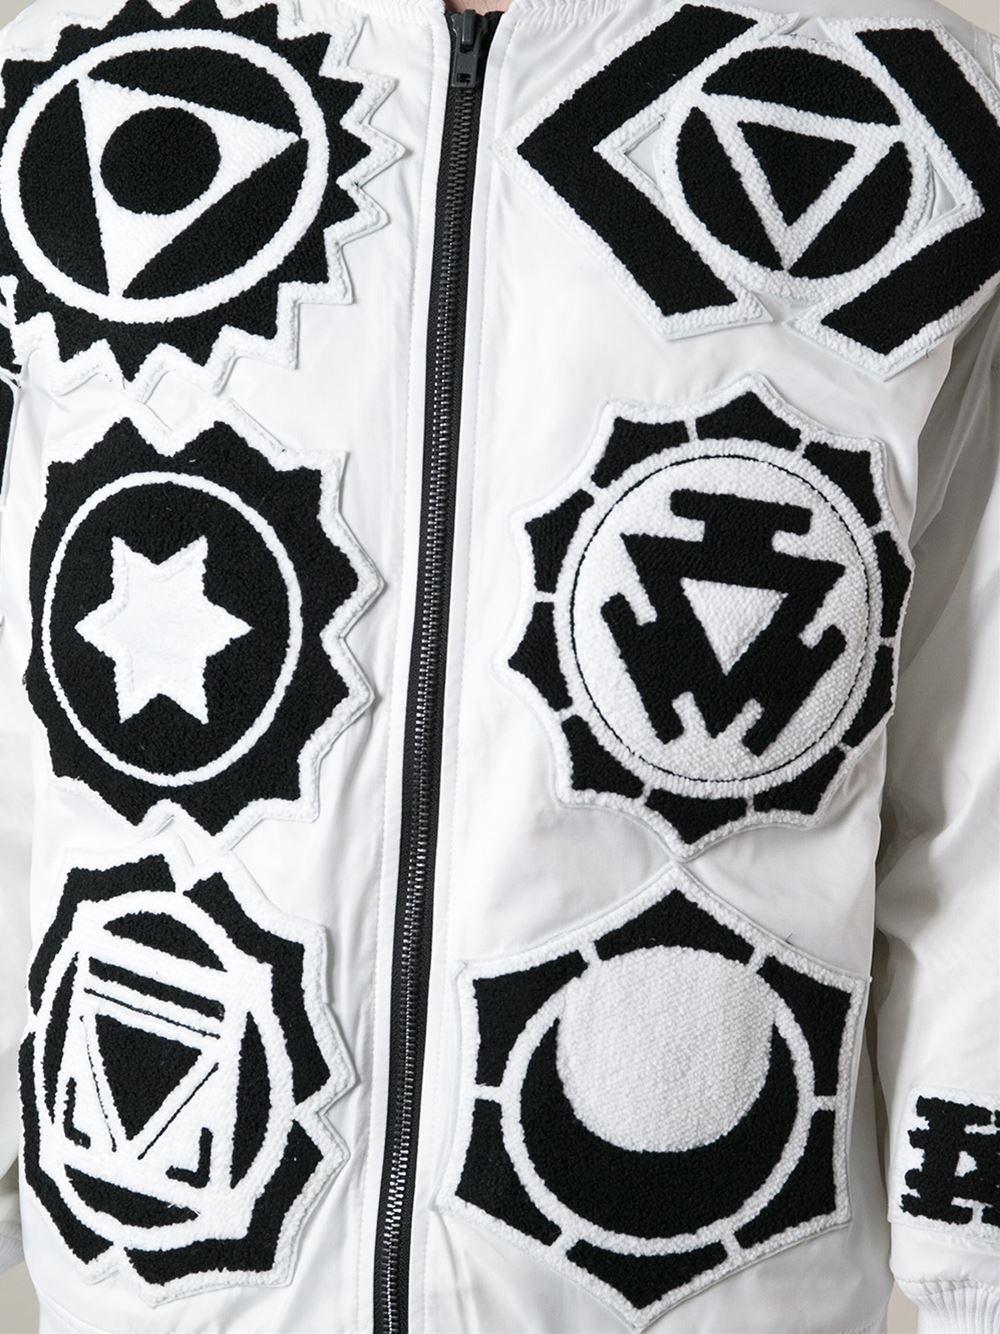 KTZ Patchwork Bomber Jacket in White for Men